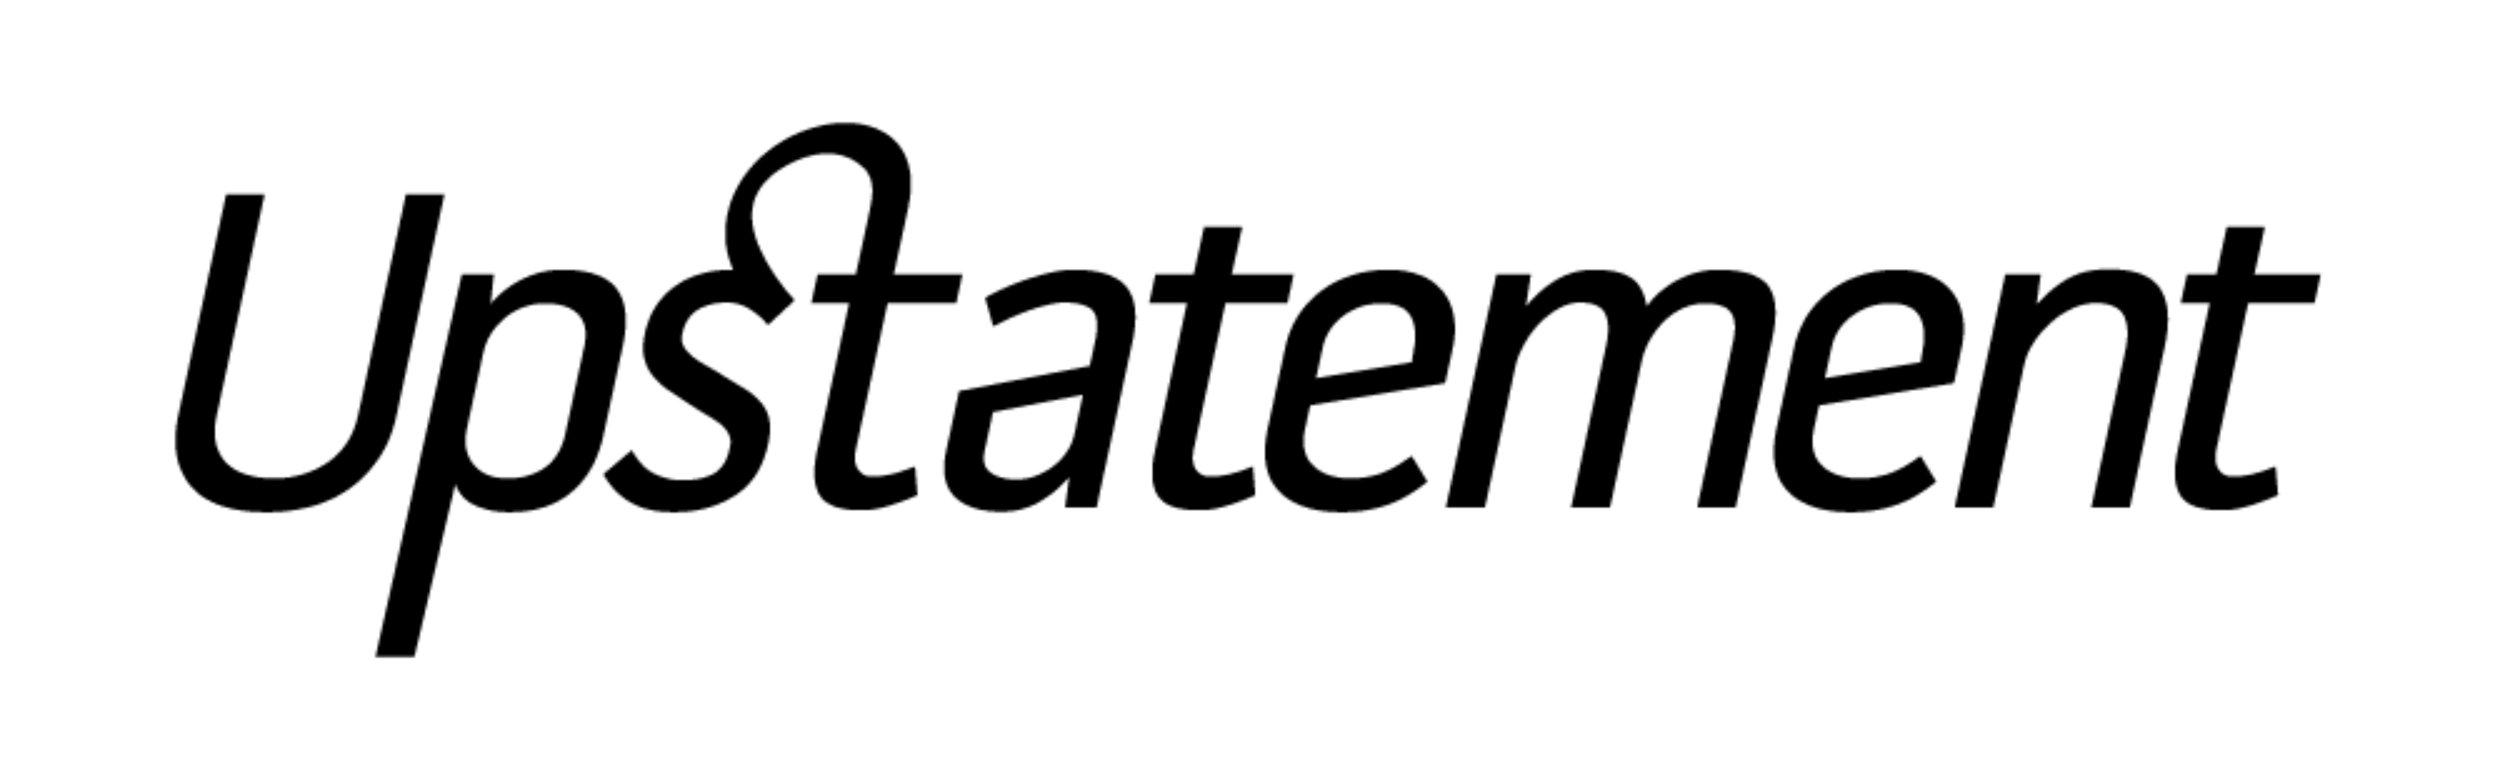 Upstatement Logo.jpg